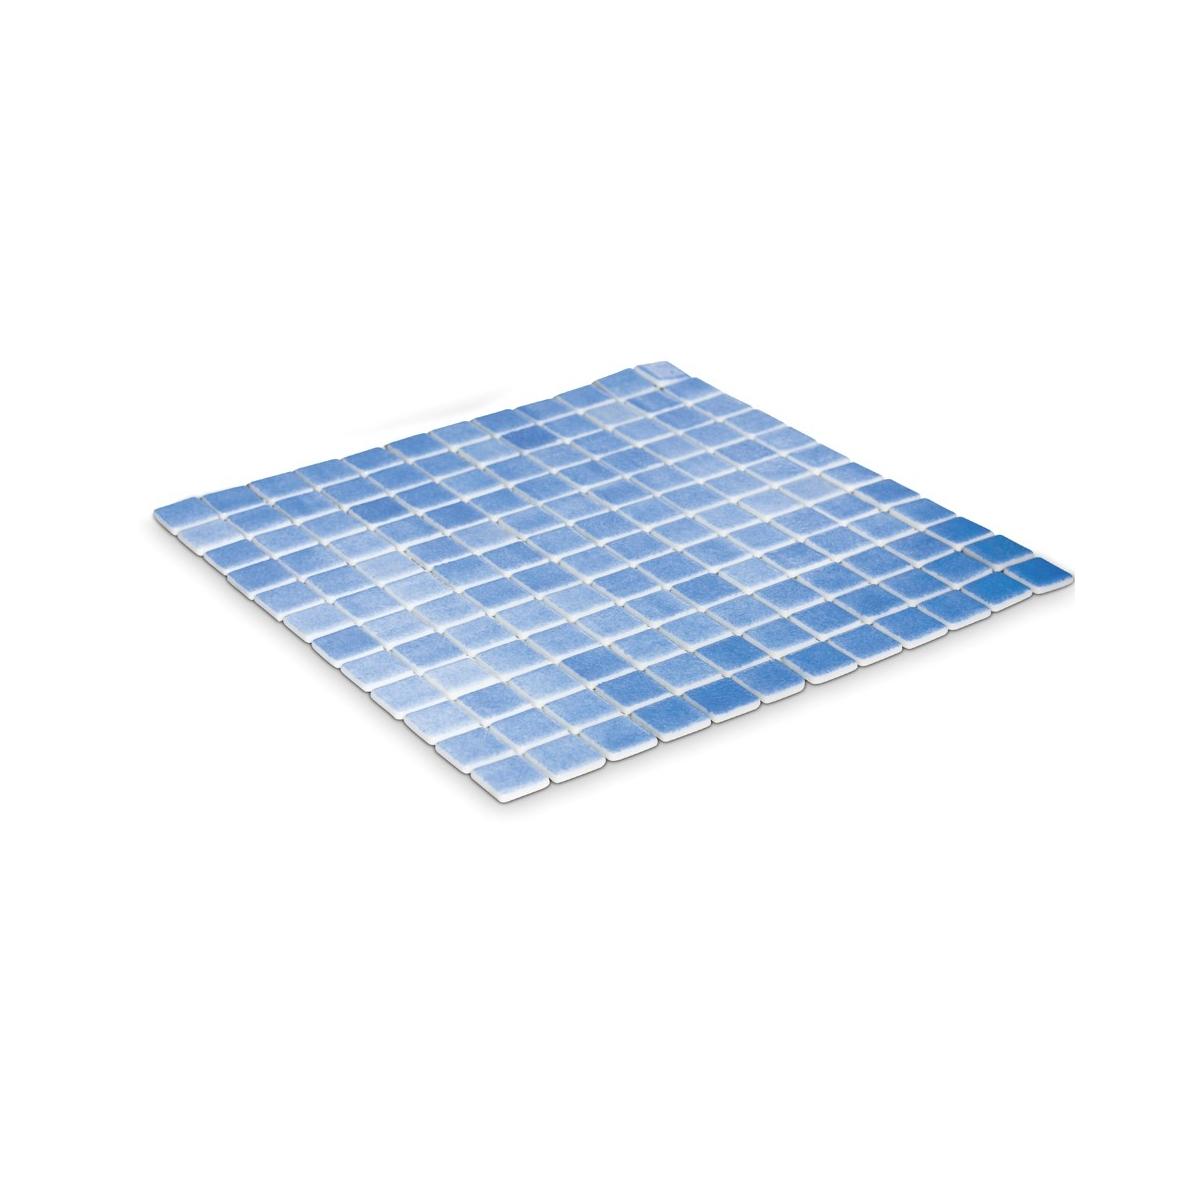 Gresite para piscina color azul niebla antideslizante en malla (m2) barato